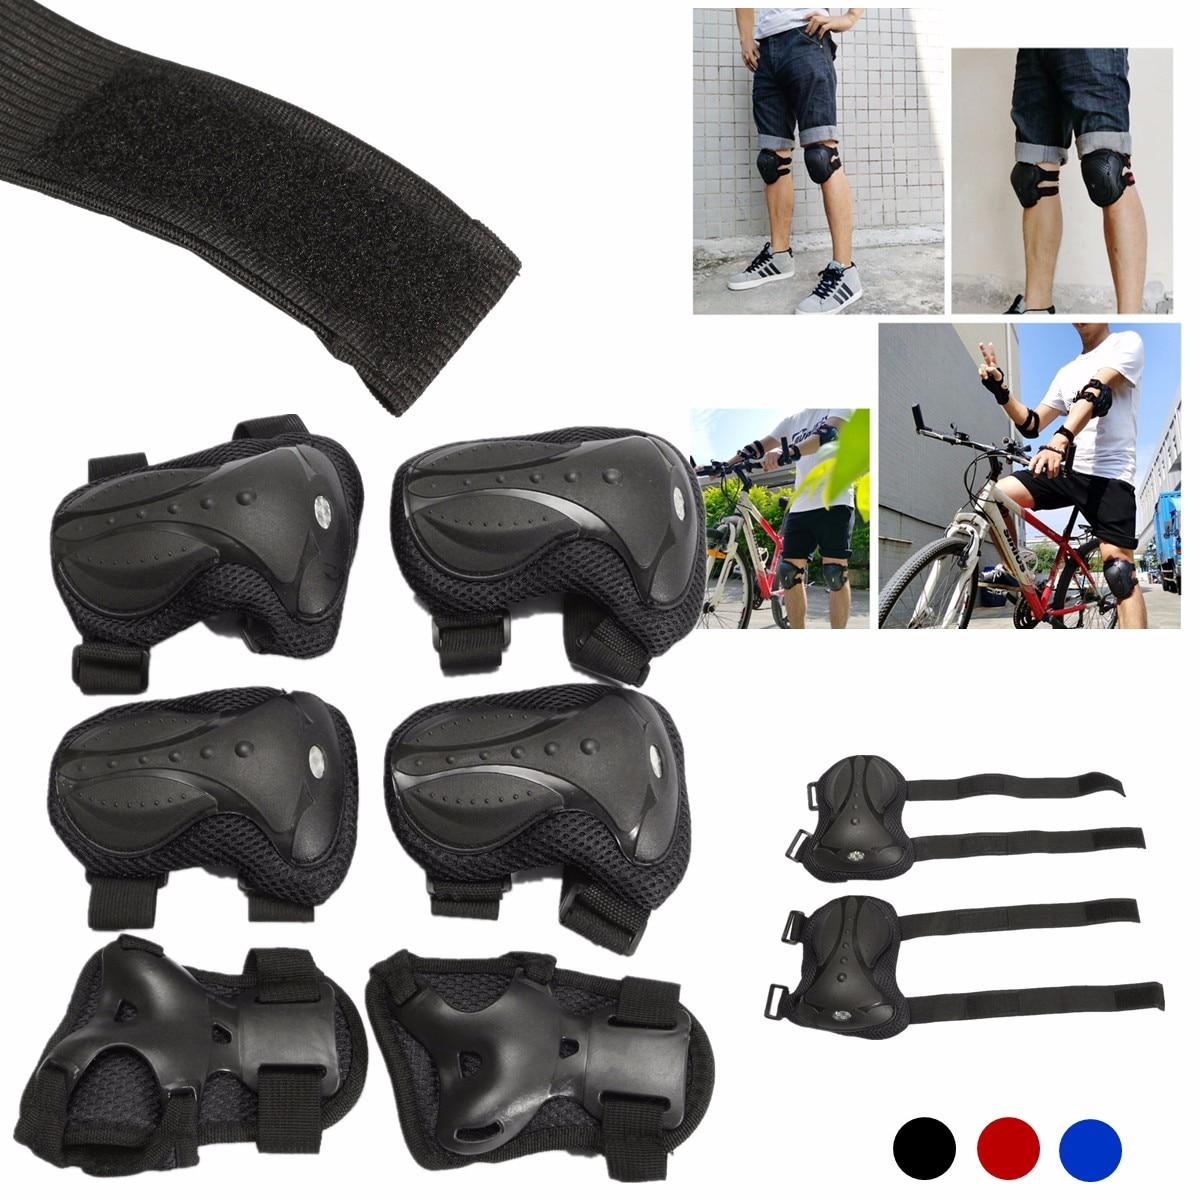 6 unids/set deportes de seguridad conjunto rodilla codo de protección rodilleras de protección para Scooter de Ciclismo de Patinaje